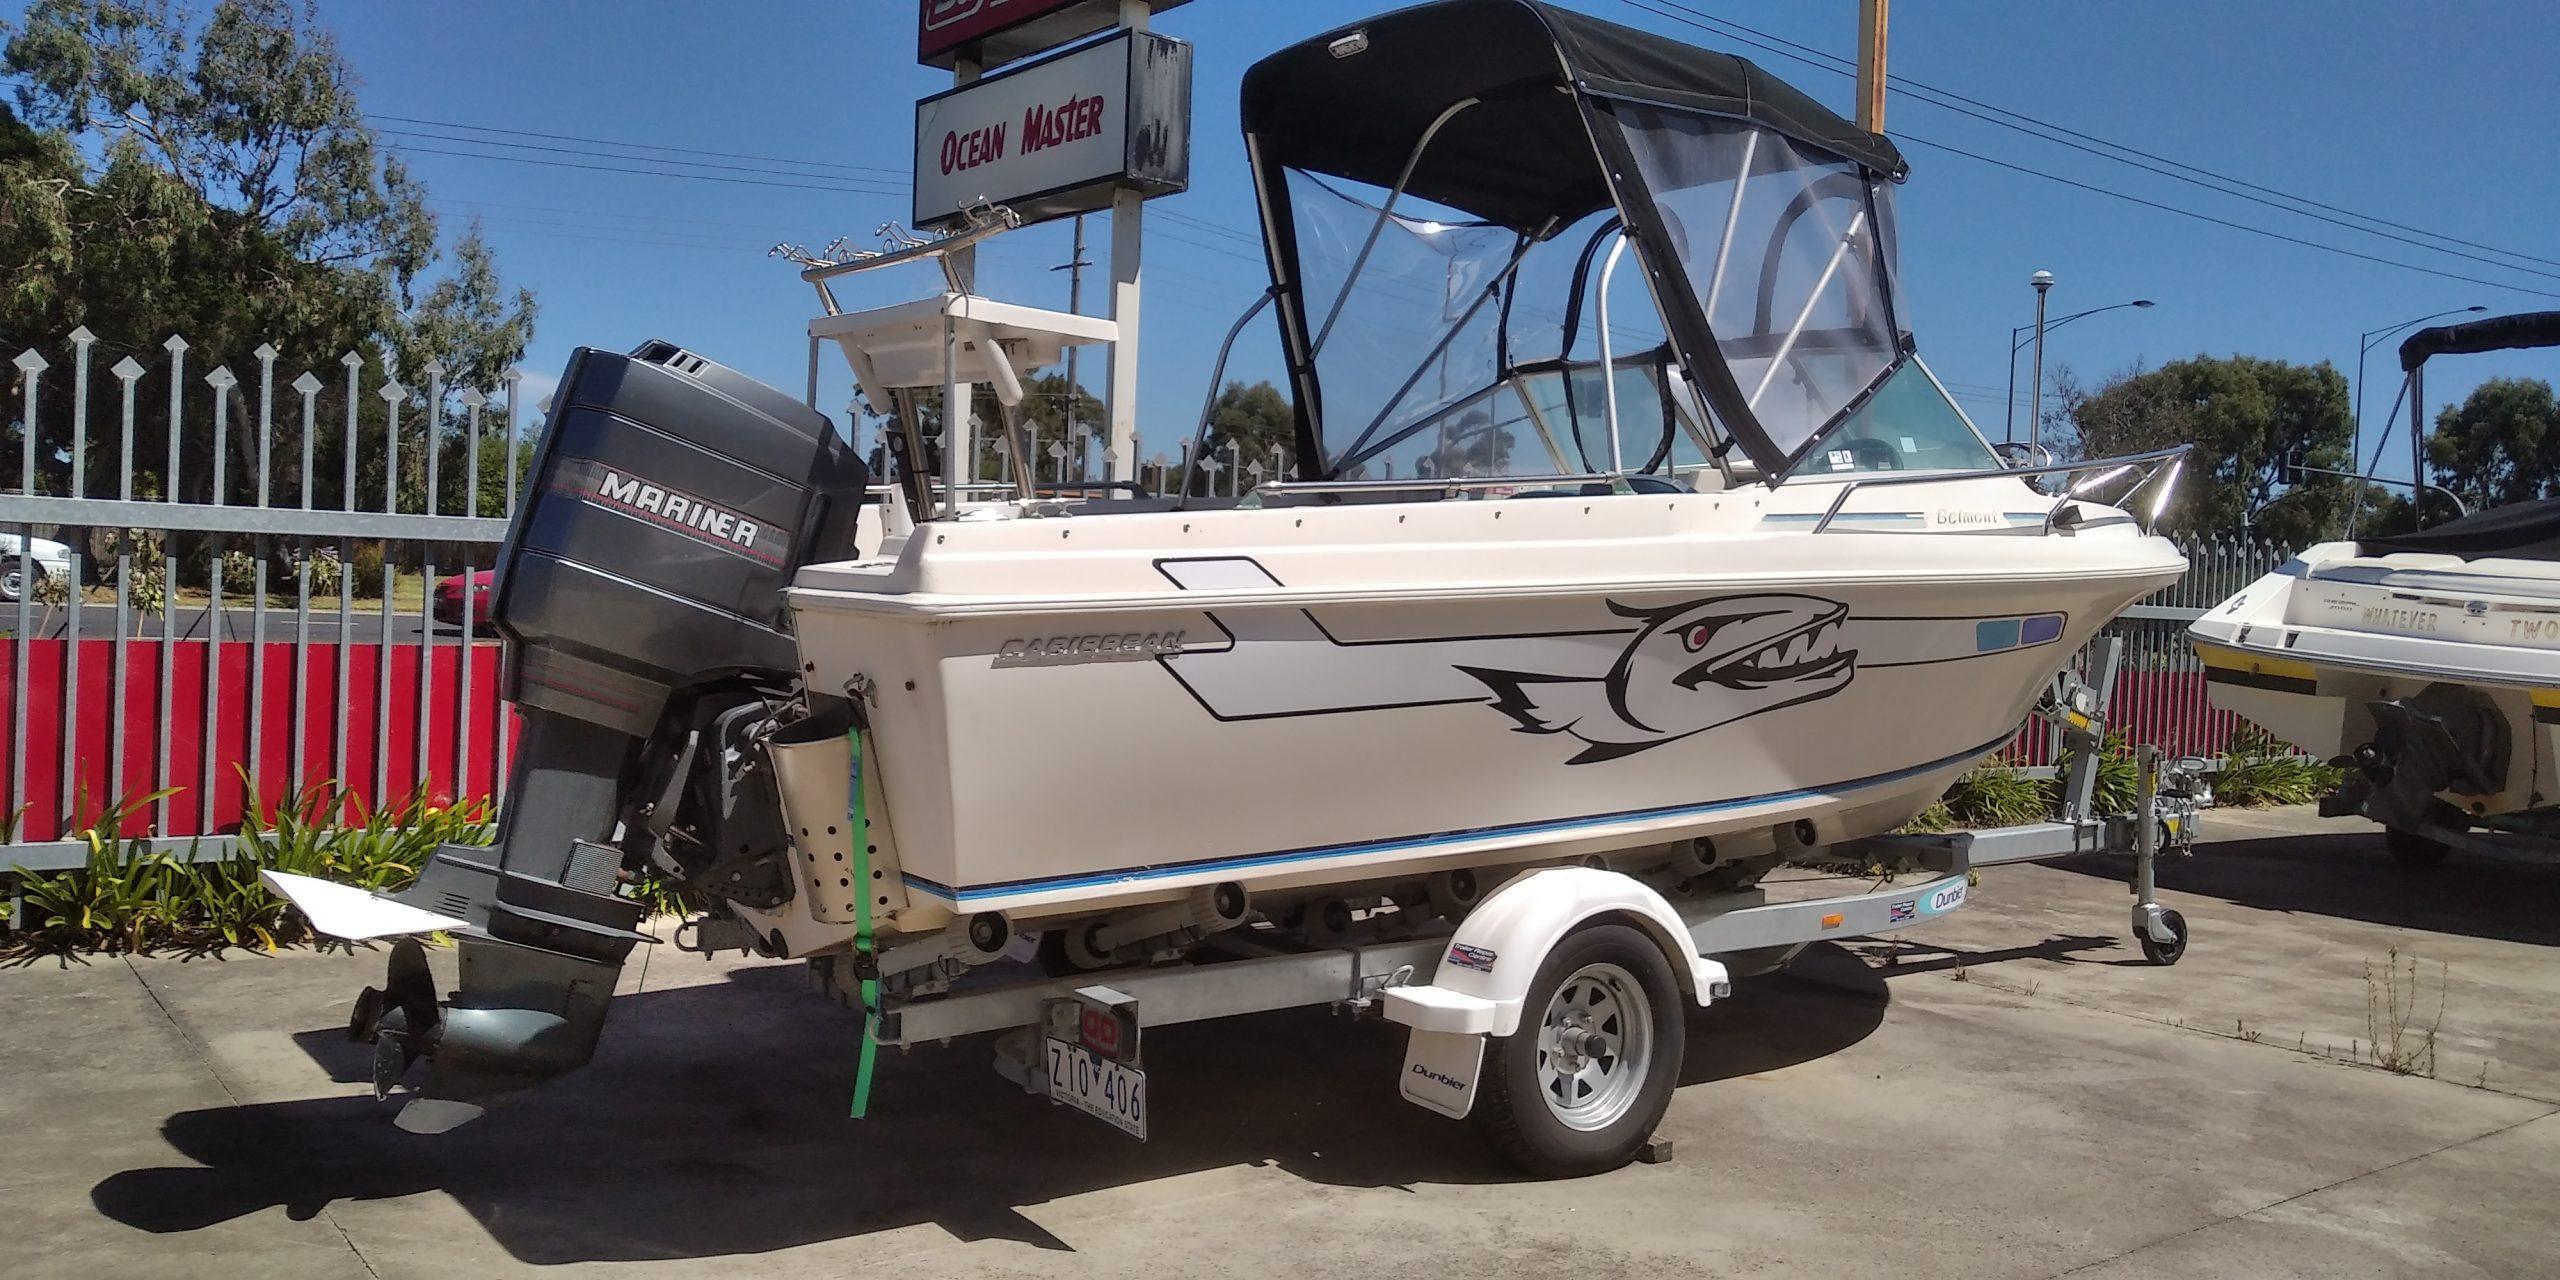 Caribbean Belmont Boat full